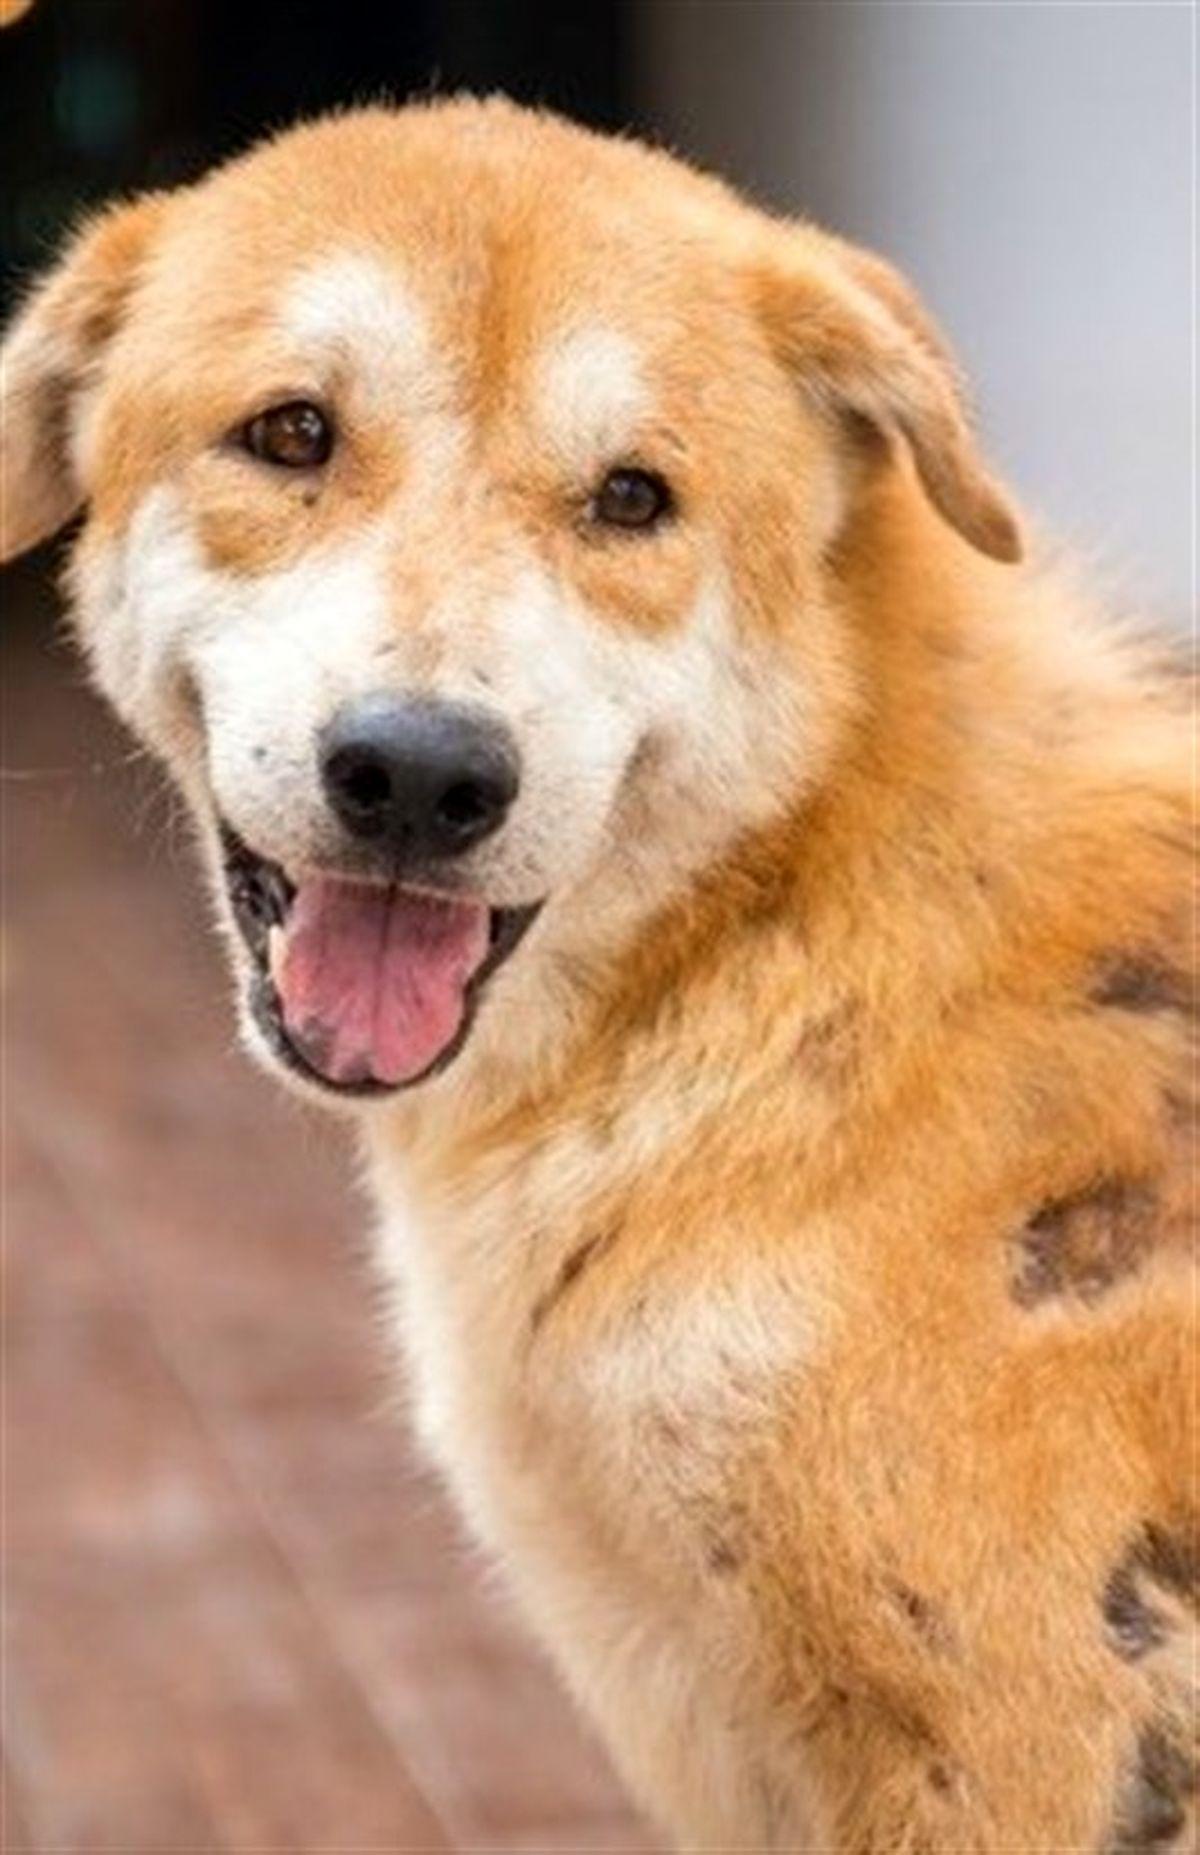 ویروس کرونای جدید توسط سگ ها